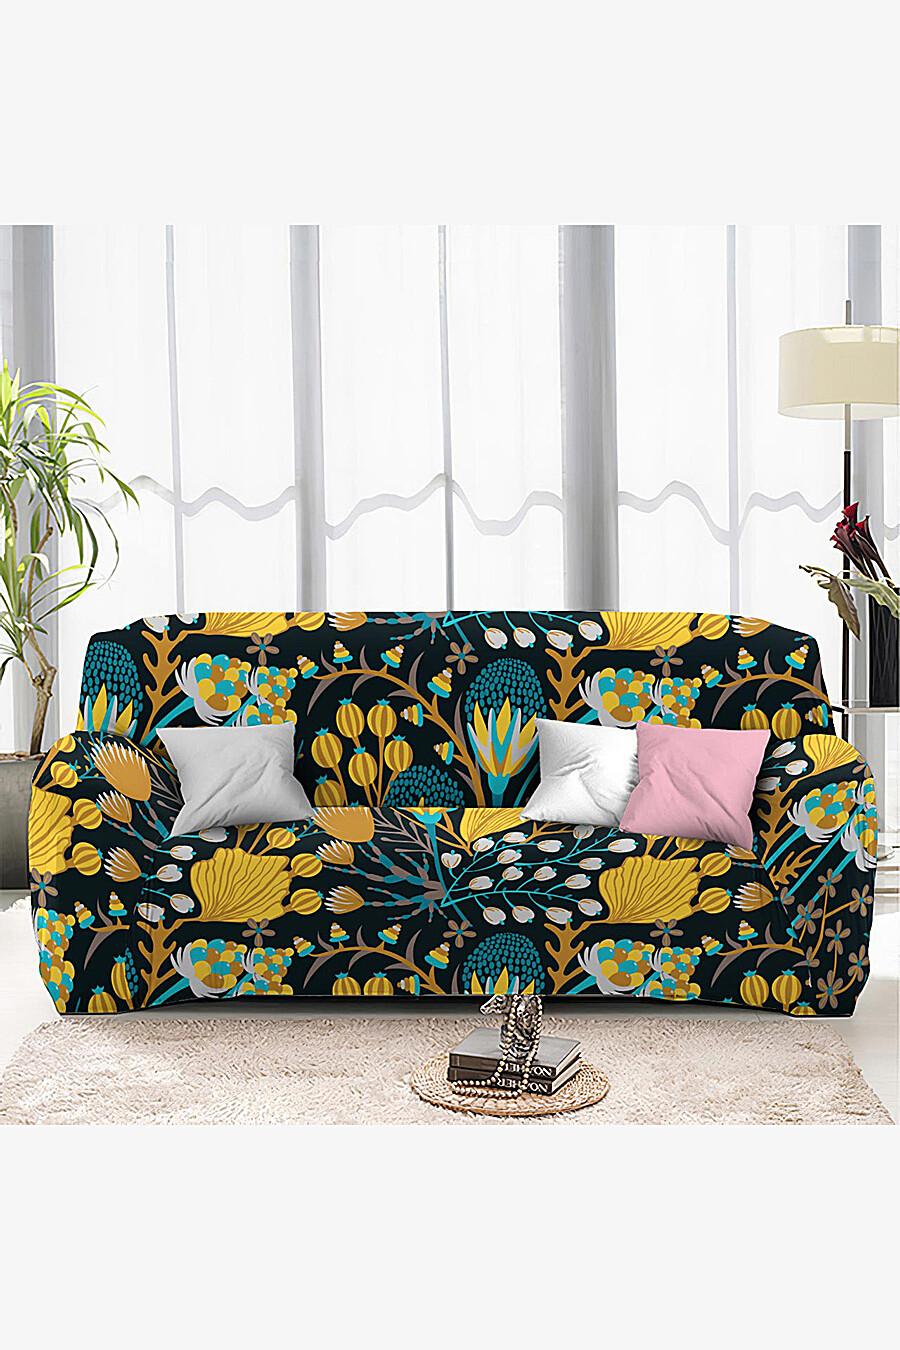 Чехол на диван для дома ART HOME TEXTILE 162825 купить оптом от производителя. Совместная покупка товаров для дома в OptMoyo